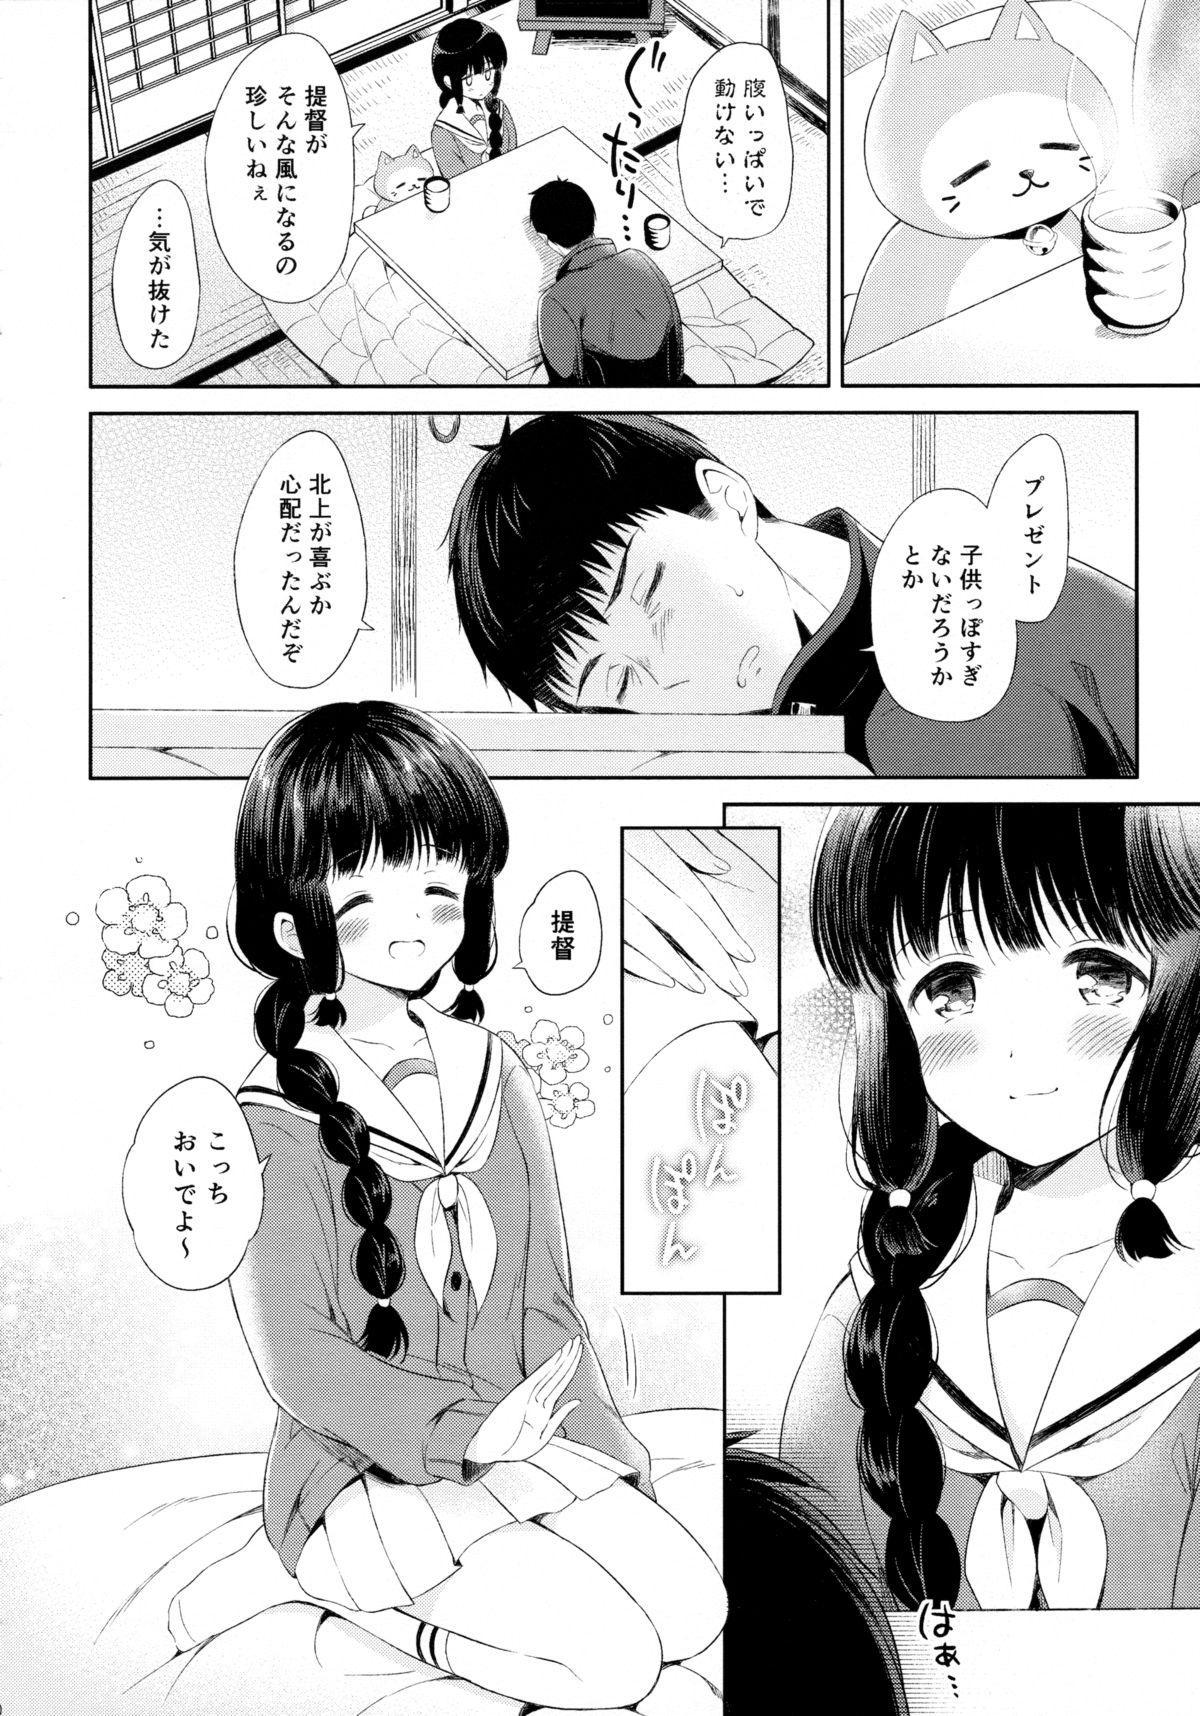 Kitakami-san to Teitoku ga Zutto Issho ni Kurasu Ohanashi. 8